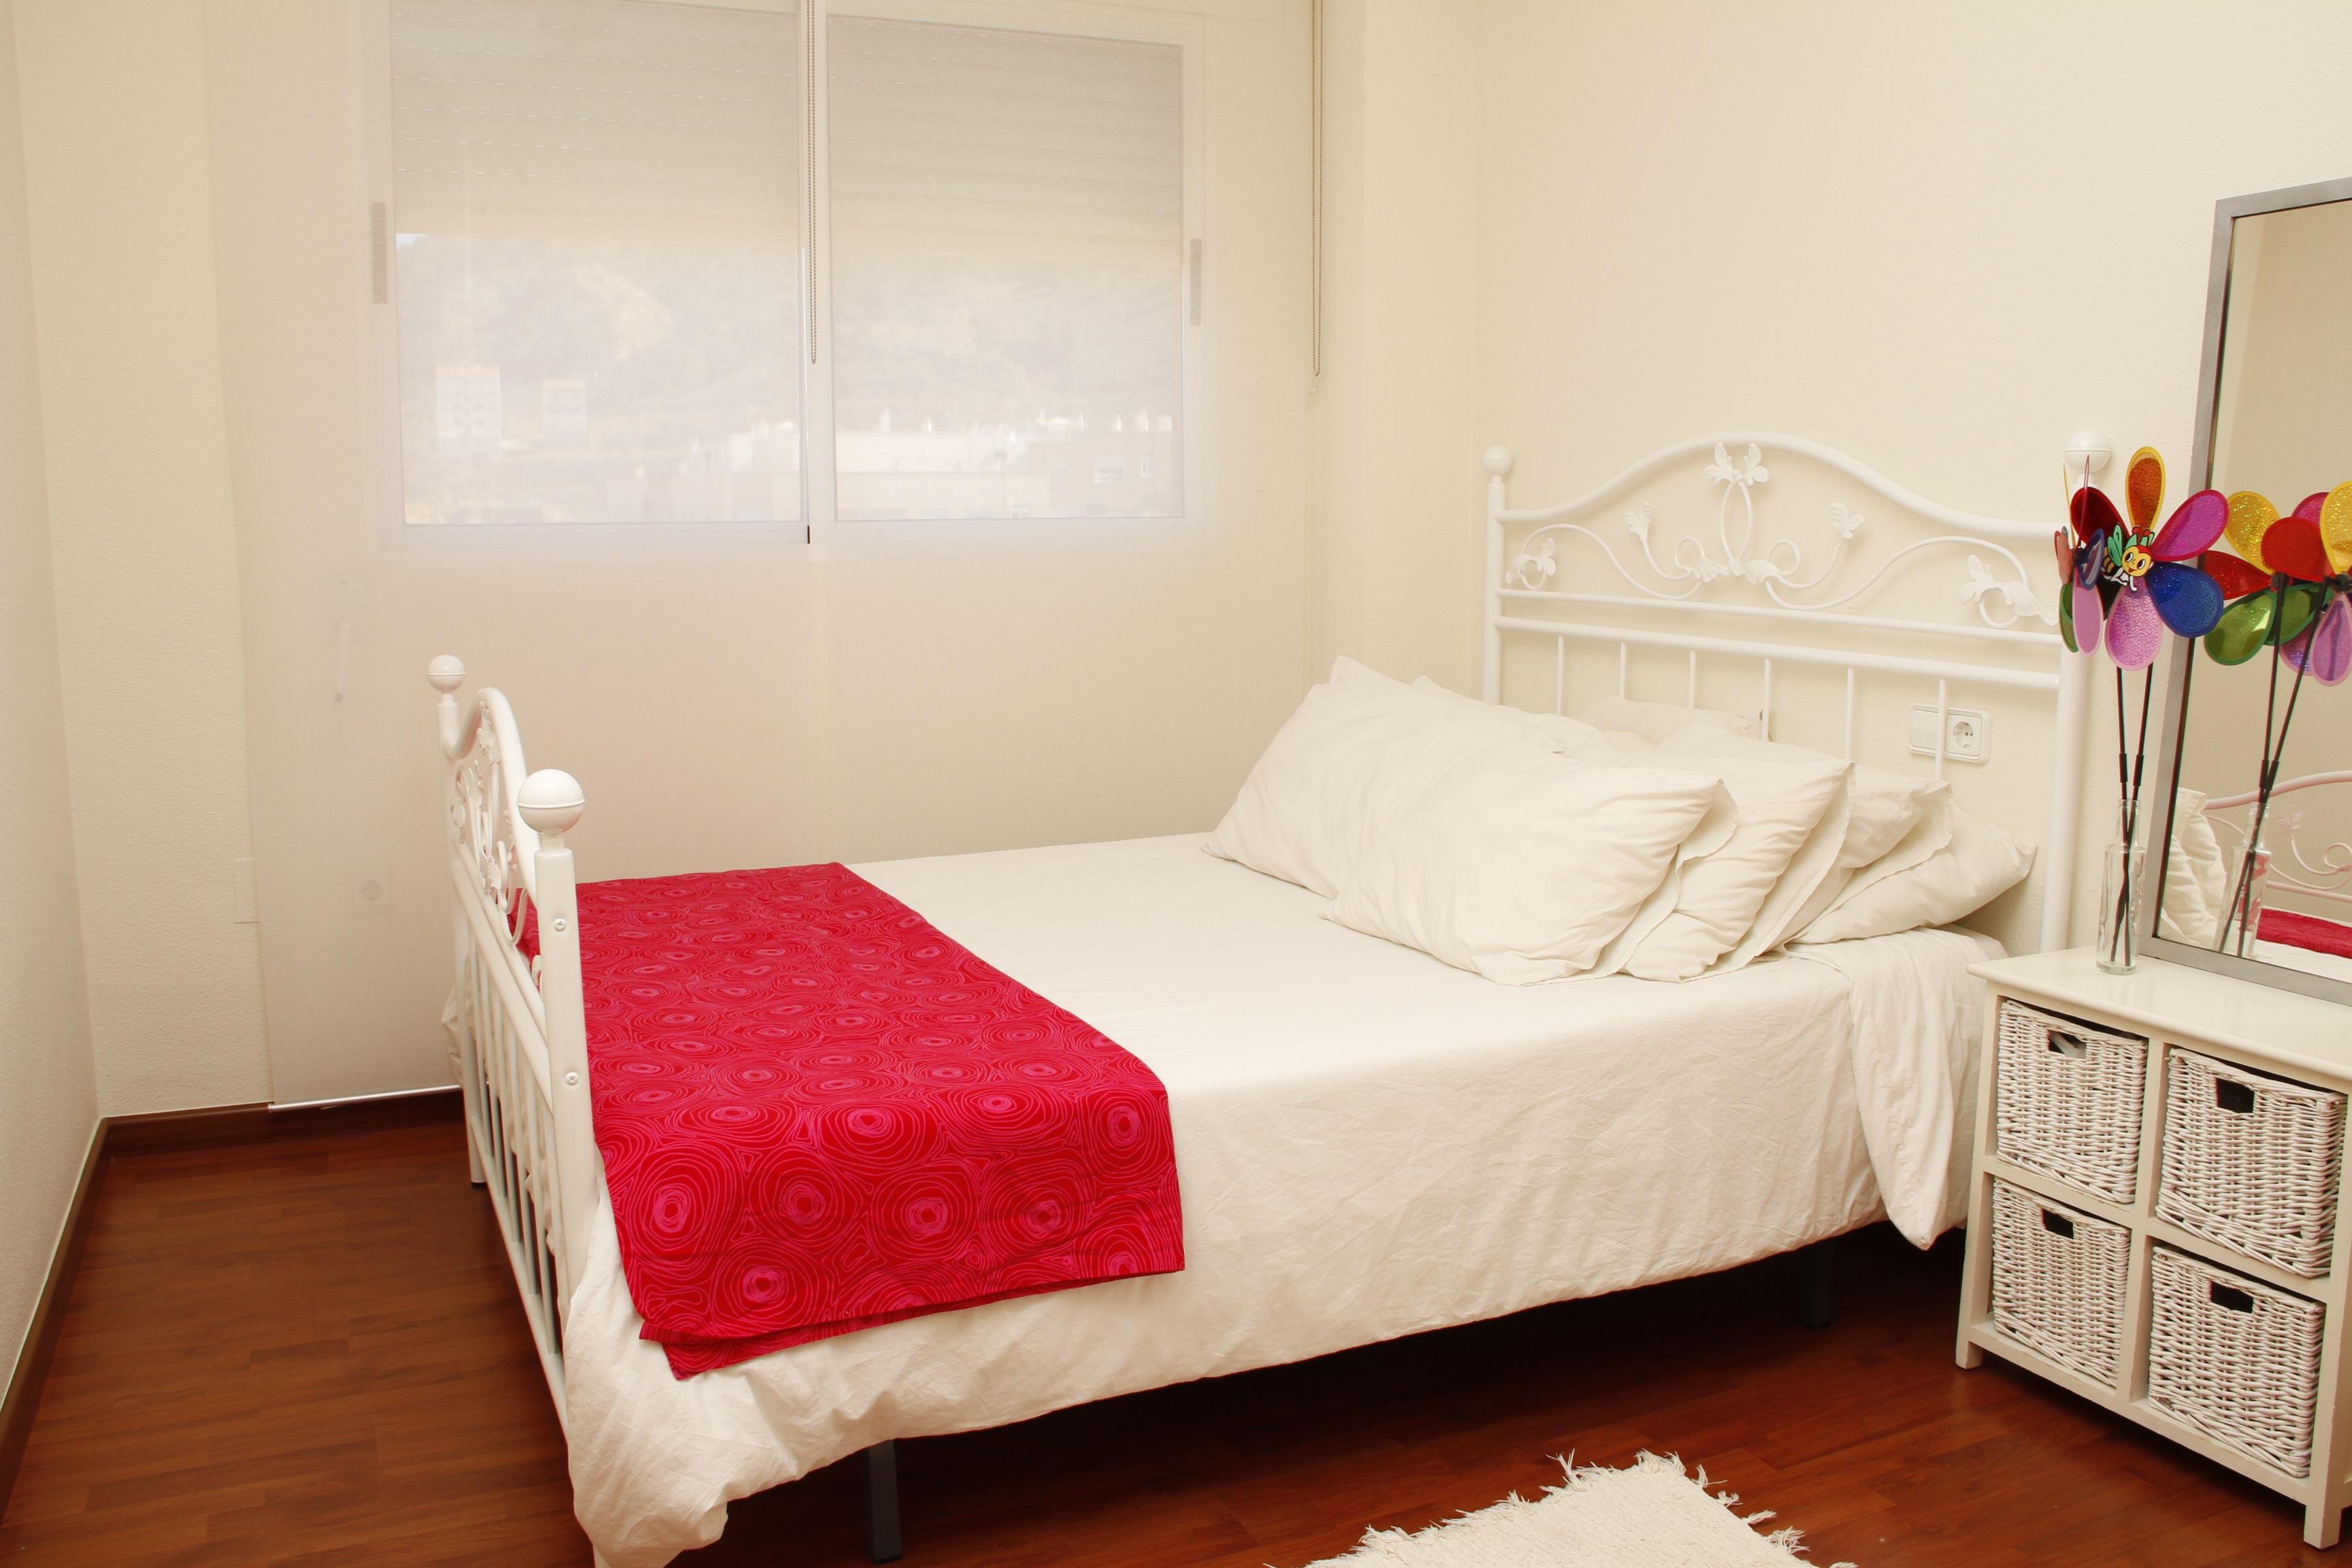 Fotos gratis : piso, decoración, cabaña, color, propiedad, mueble ...